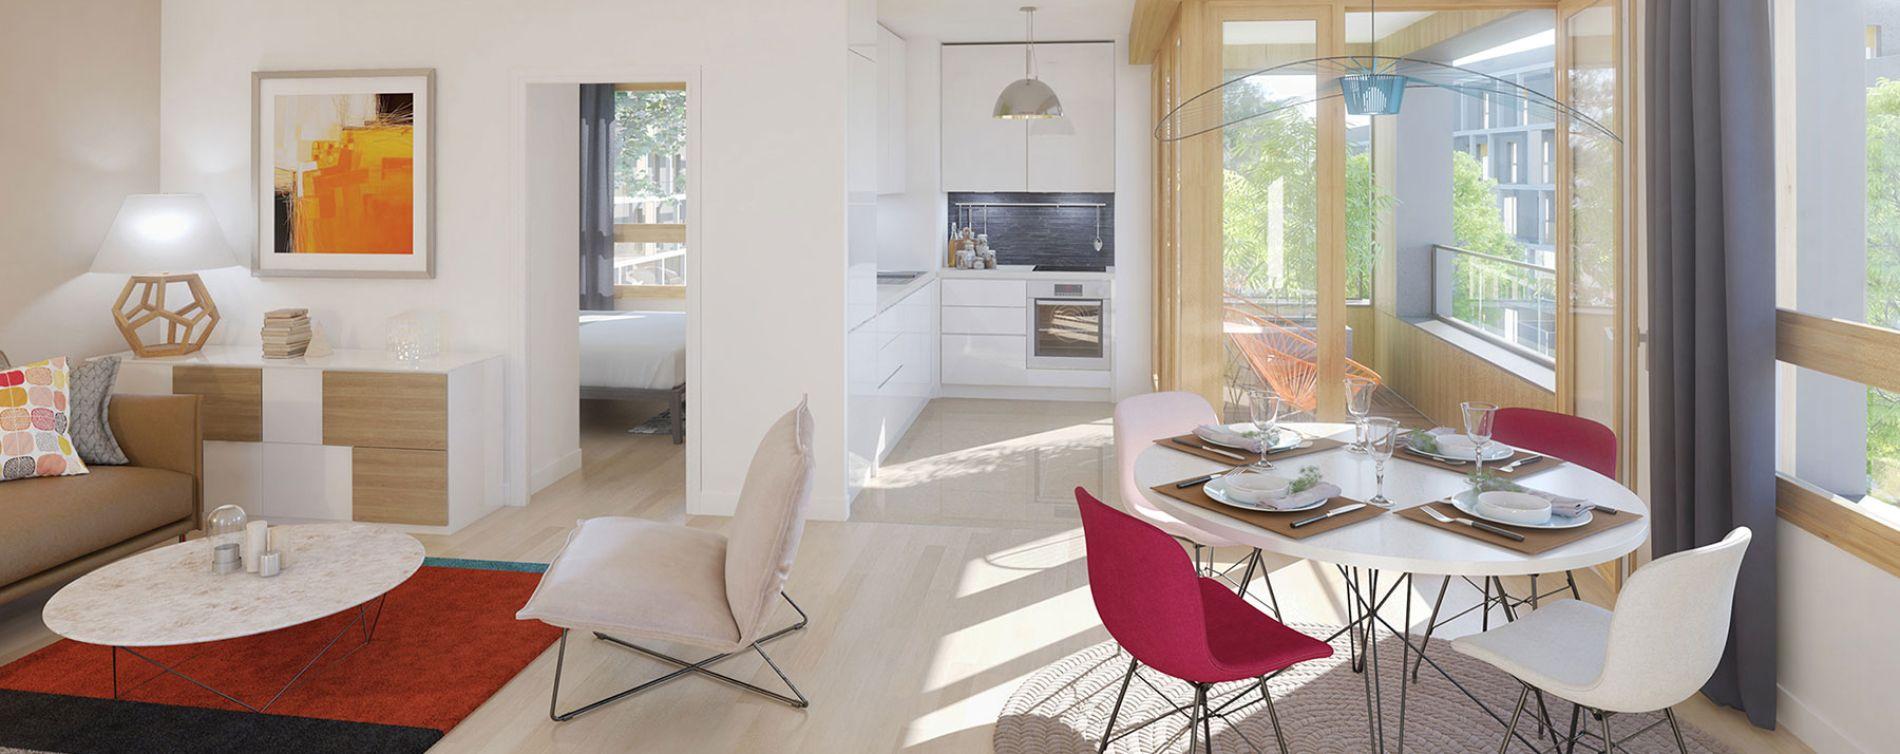 Torcy : programme immobilier neuve « Nature & Coteaux » (5)